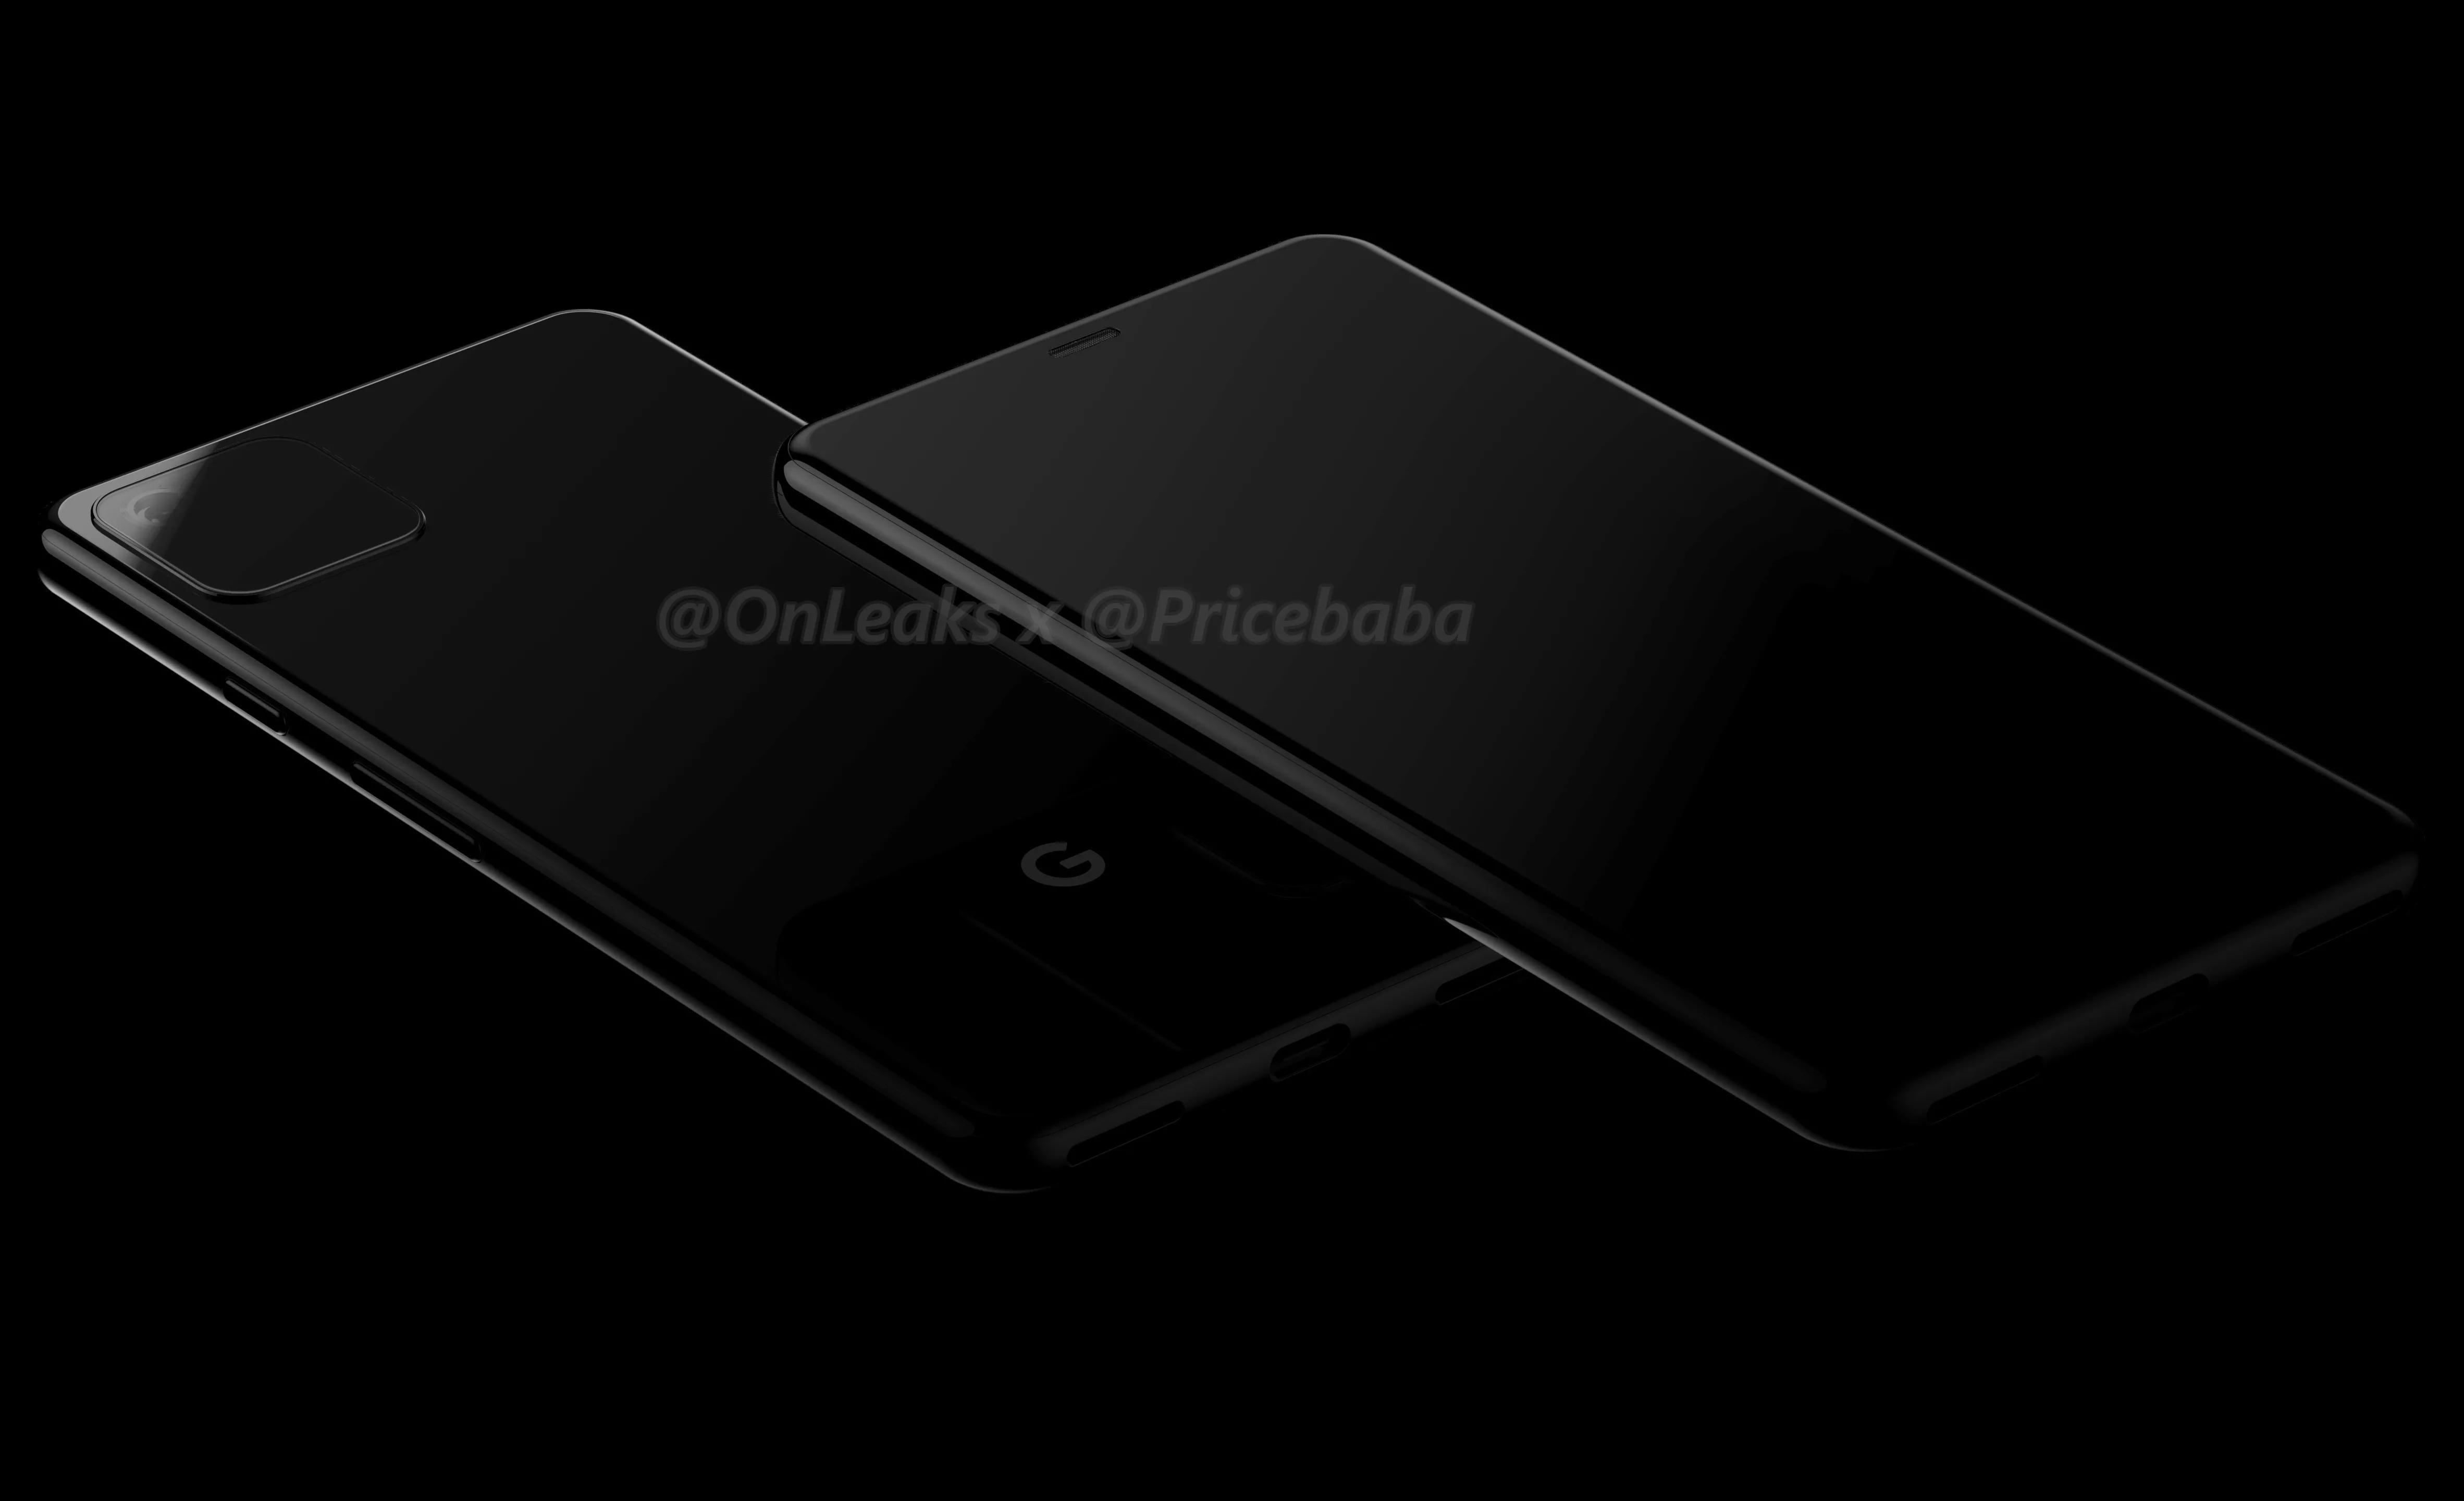 Le Google Pixel 4 ressemblerait au présumé iPhone 2019